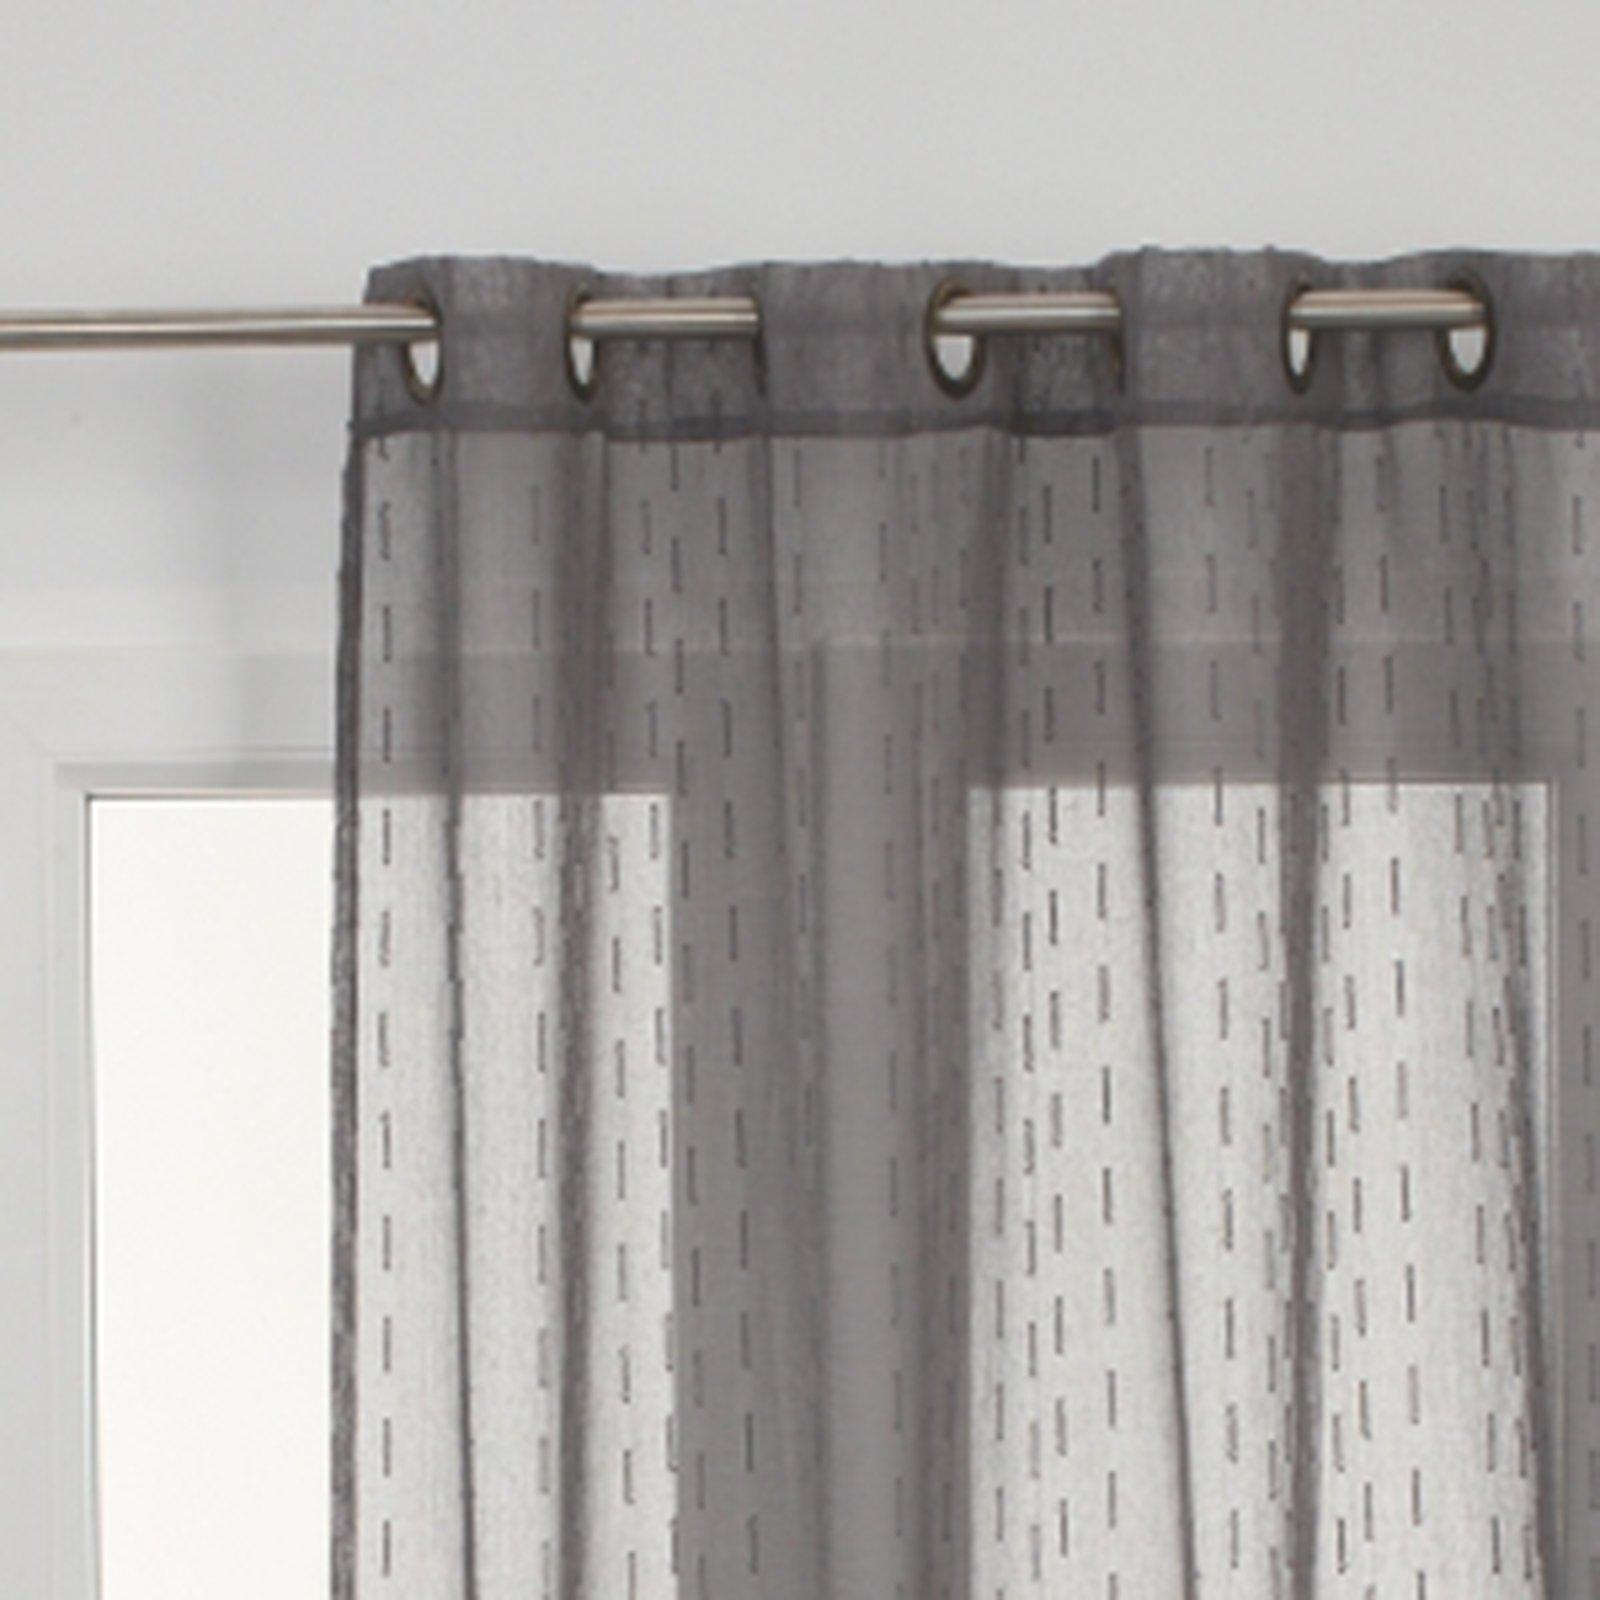 I bastoni per tende si possono fissare alle pareti o al soffitto, modificando la posizione dei supporti per regolare la distanza tra le tende e la finestra. Scegliere Le Tende Cose Di Casa